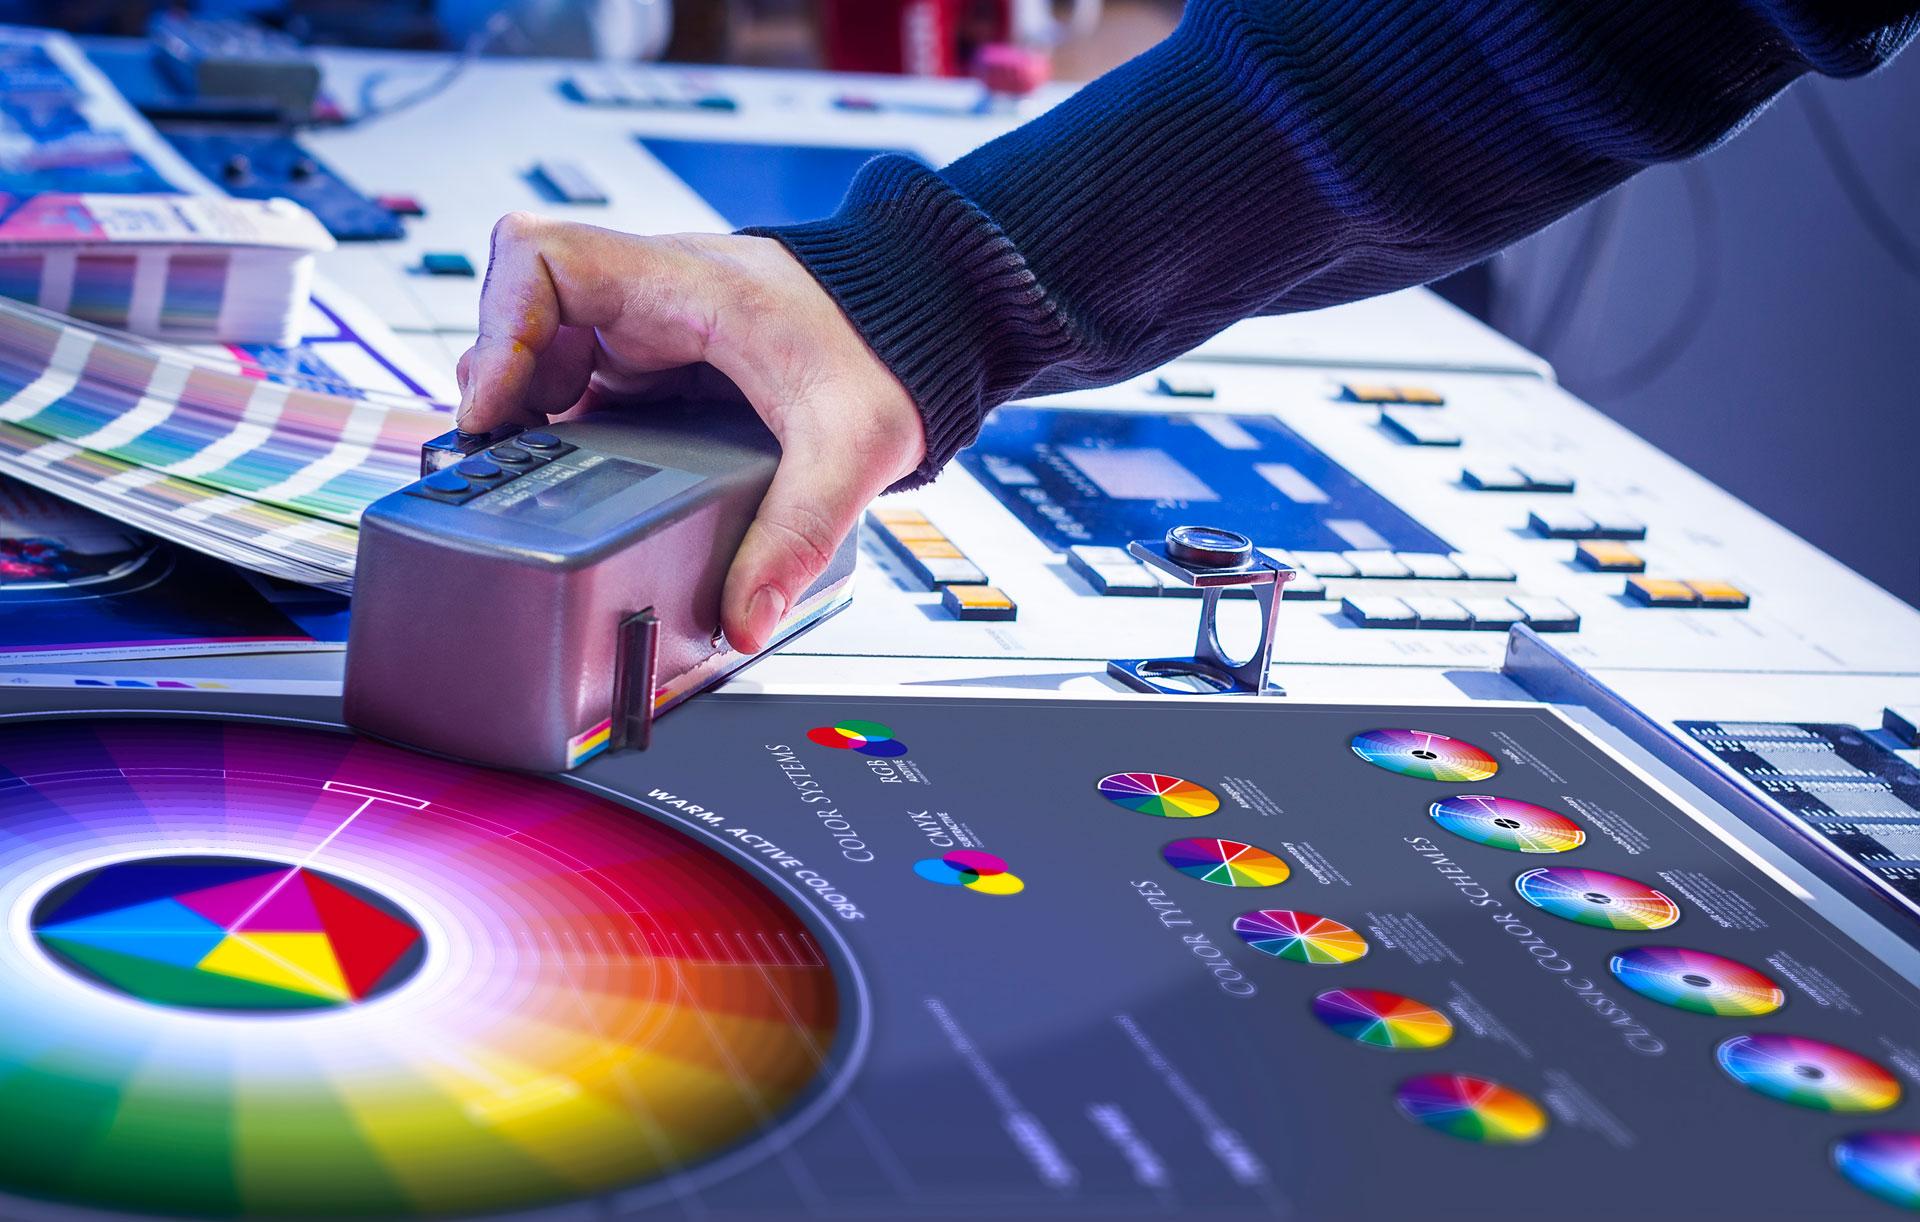 Image of Digital Print